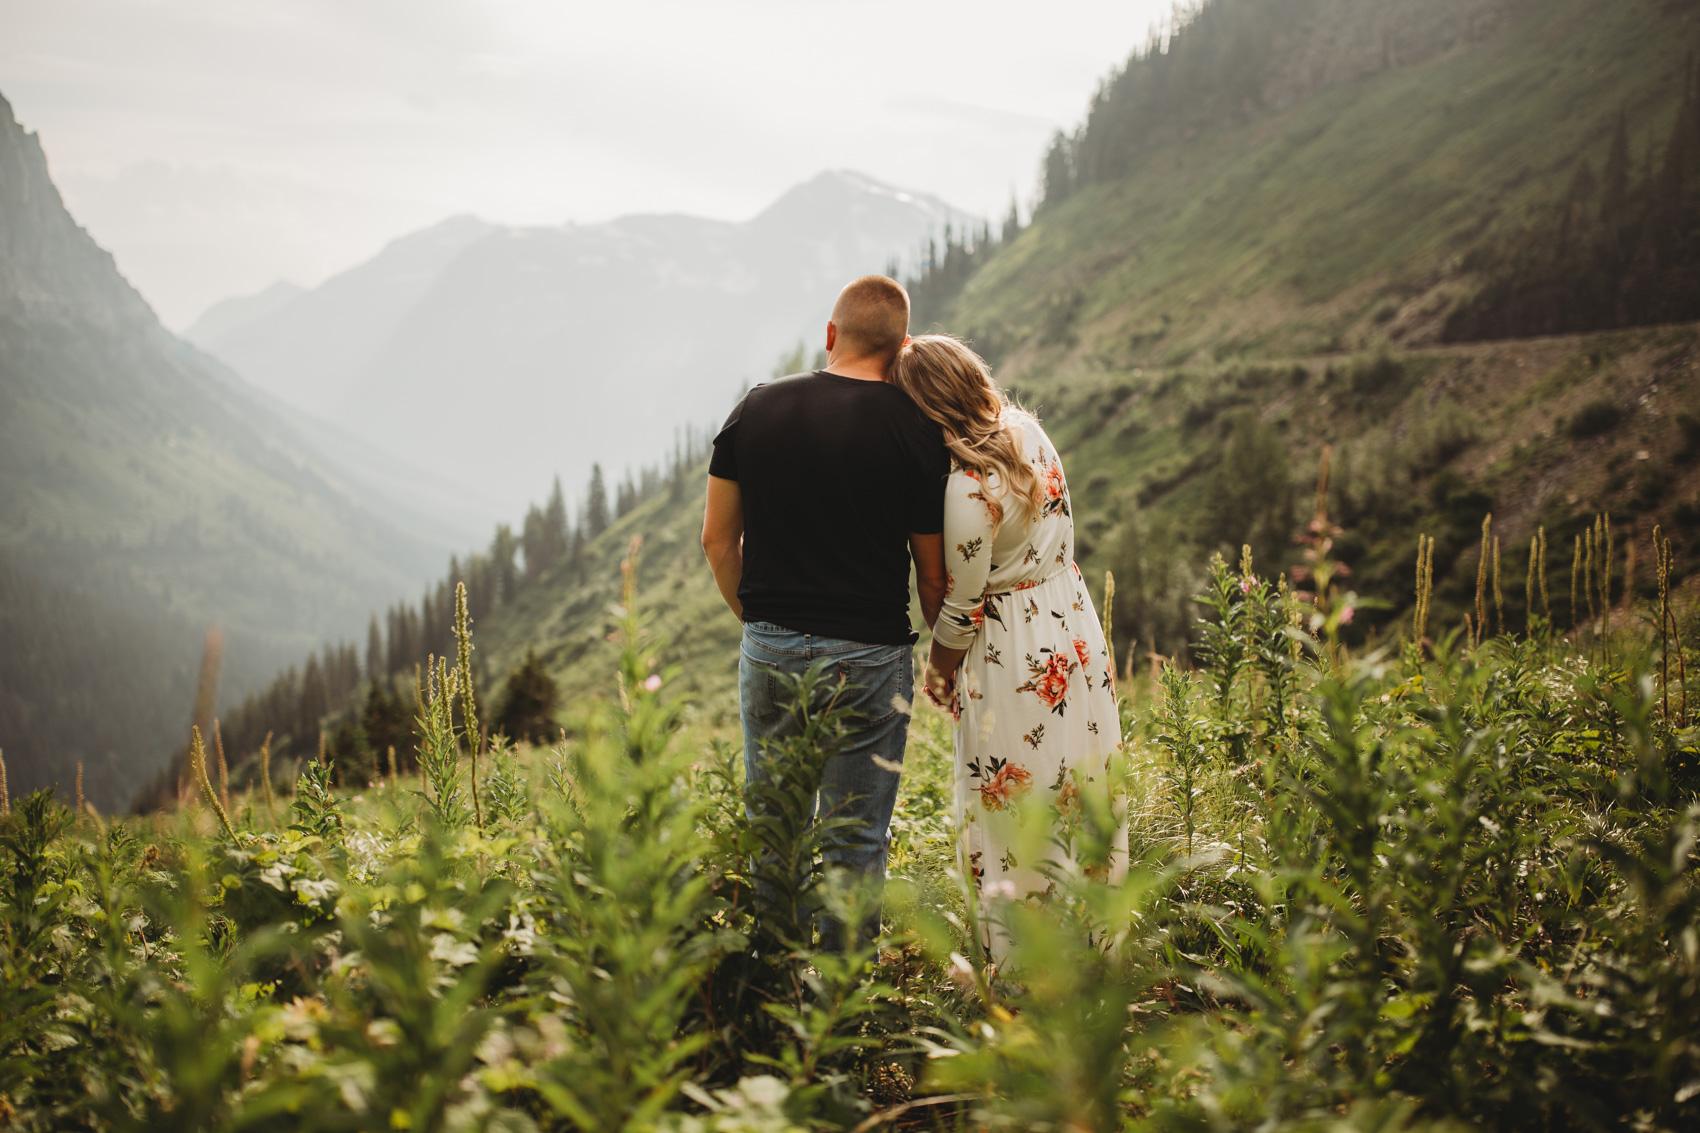 marah-doug-great-falls-montana-engagement-photographer-4.jpg